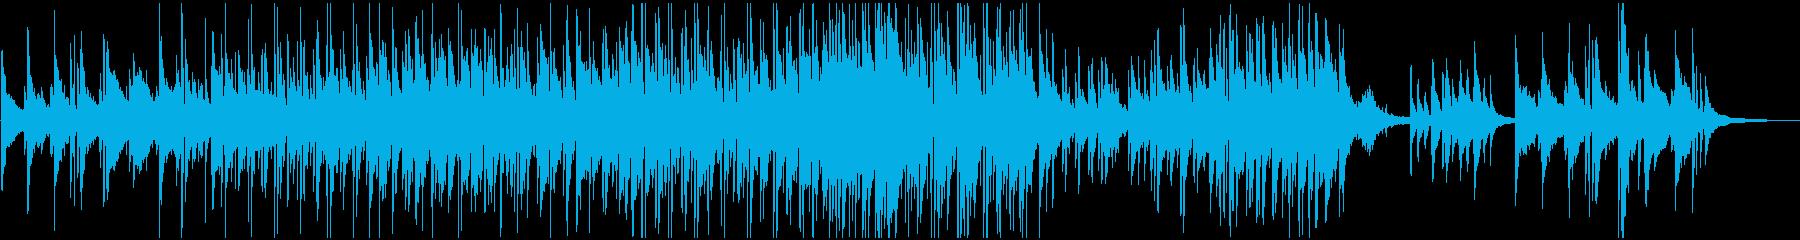 童謡『茶摘み』のおしゃれピアノトリオの再生済みの波形